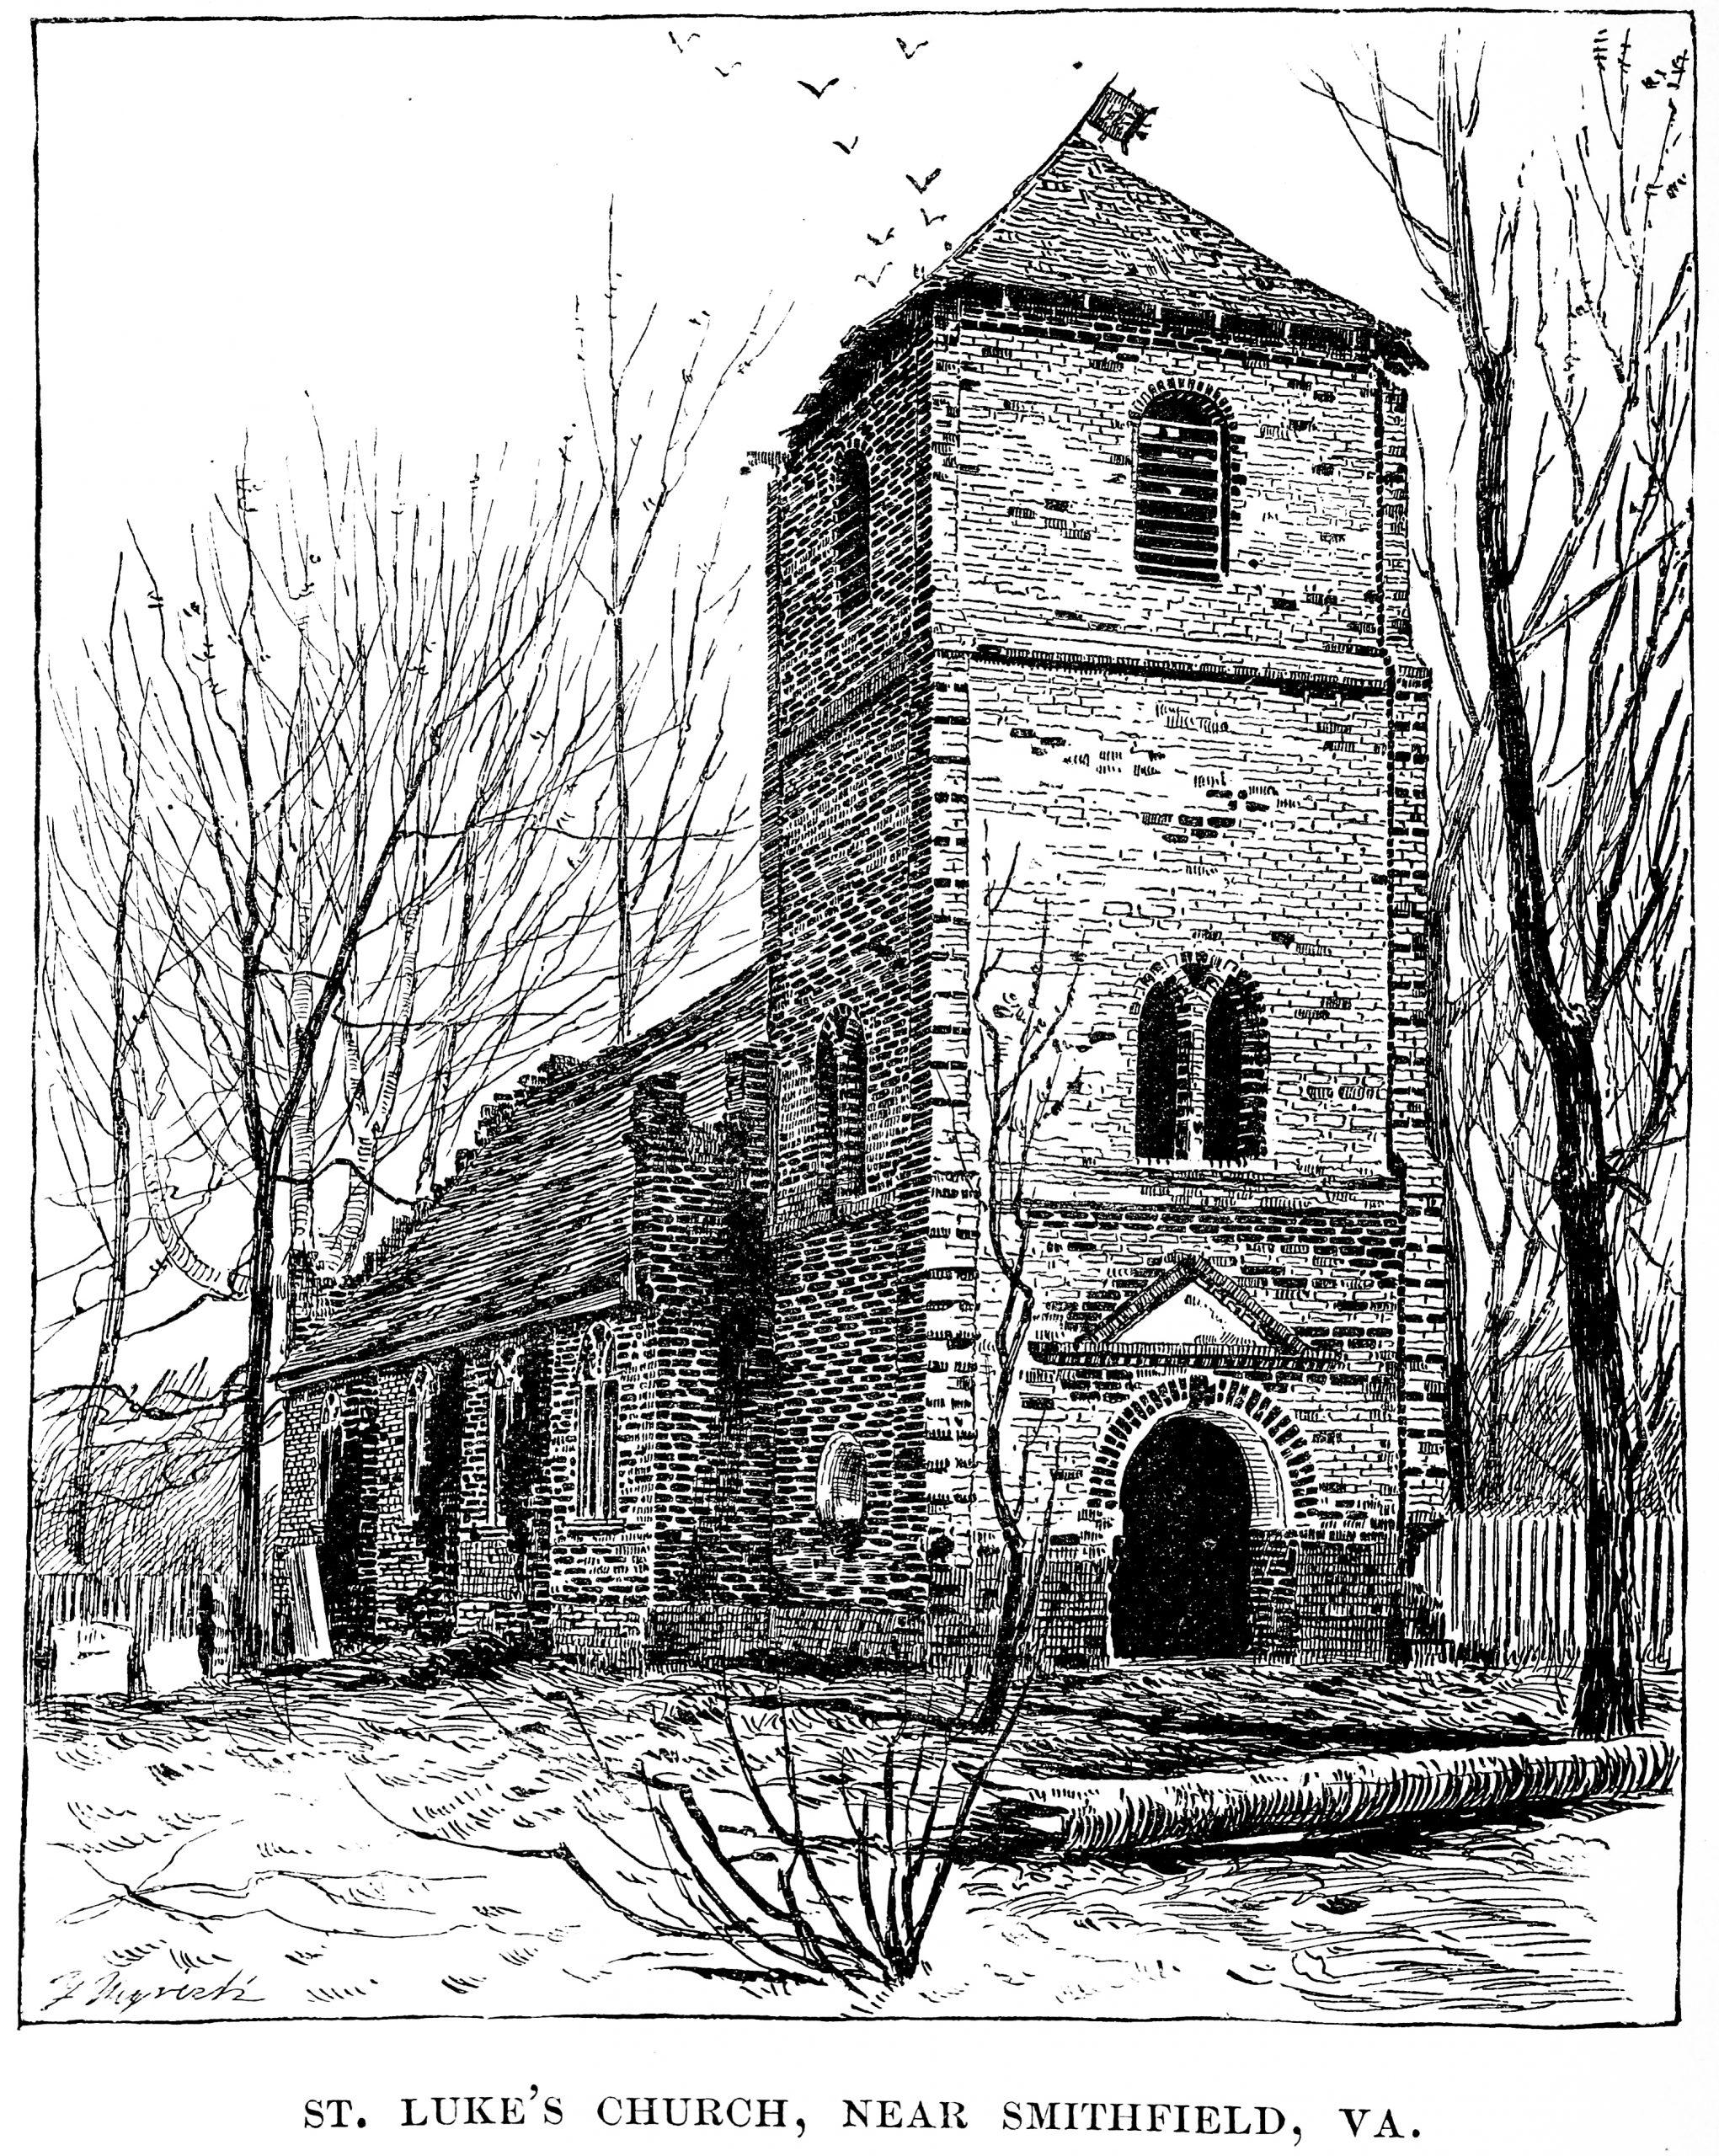 St Luke's Church Smithfield Virginia